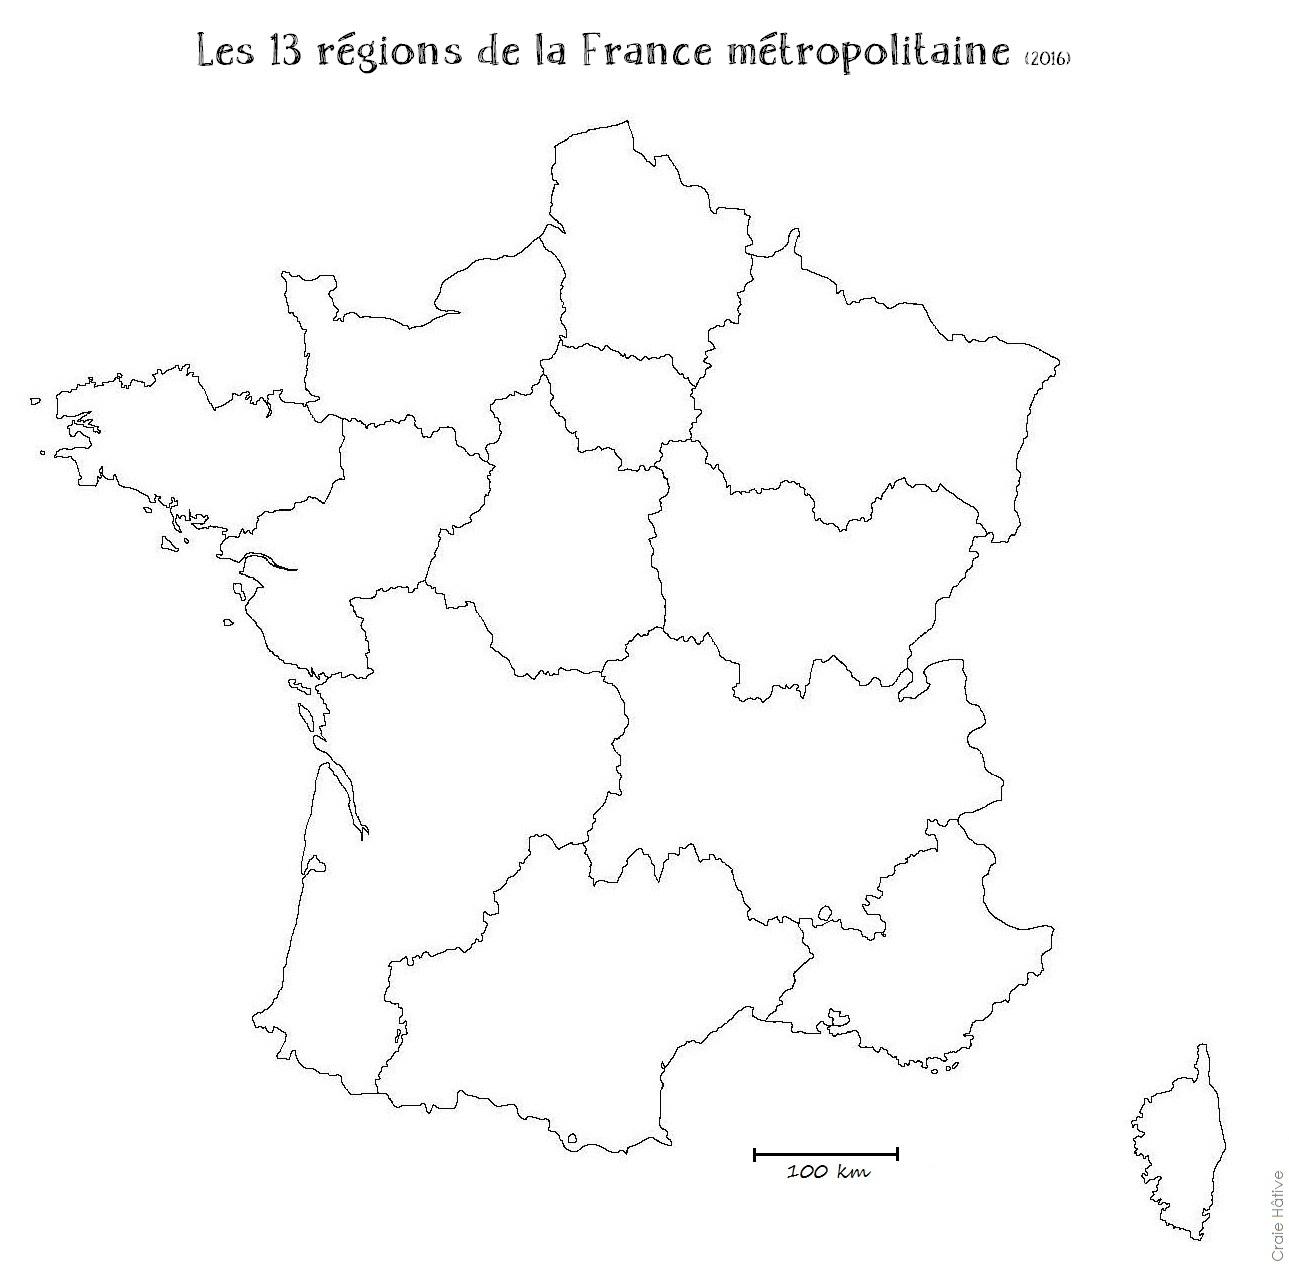 Cartes Des Régions De La France Métropolitaine - 2016 encequiconcerne Carte Vierge Des Régions De France